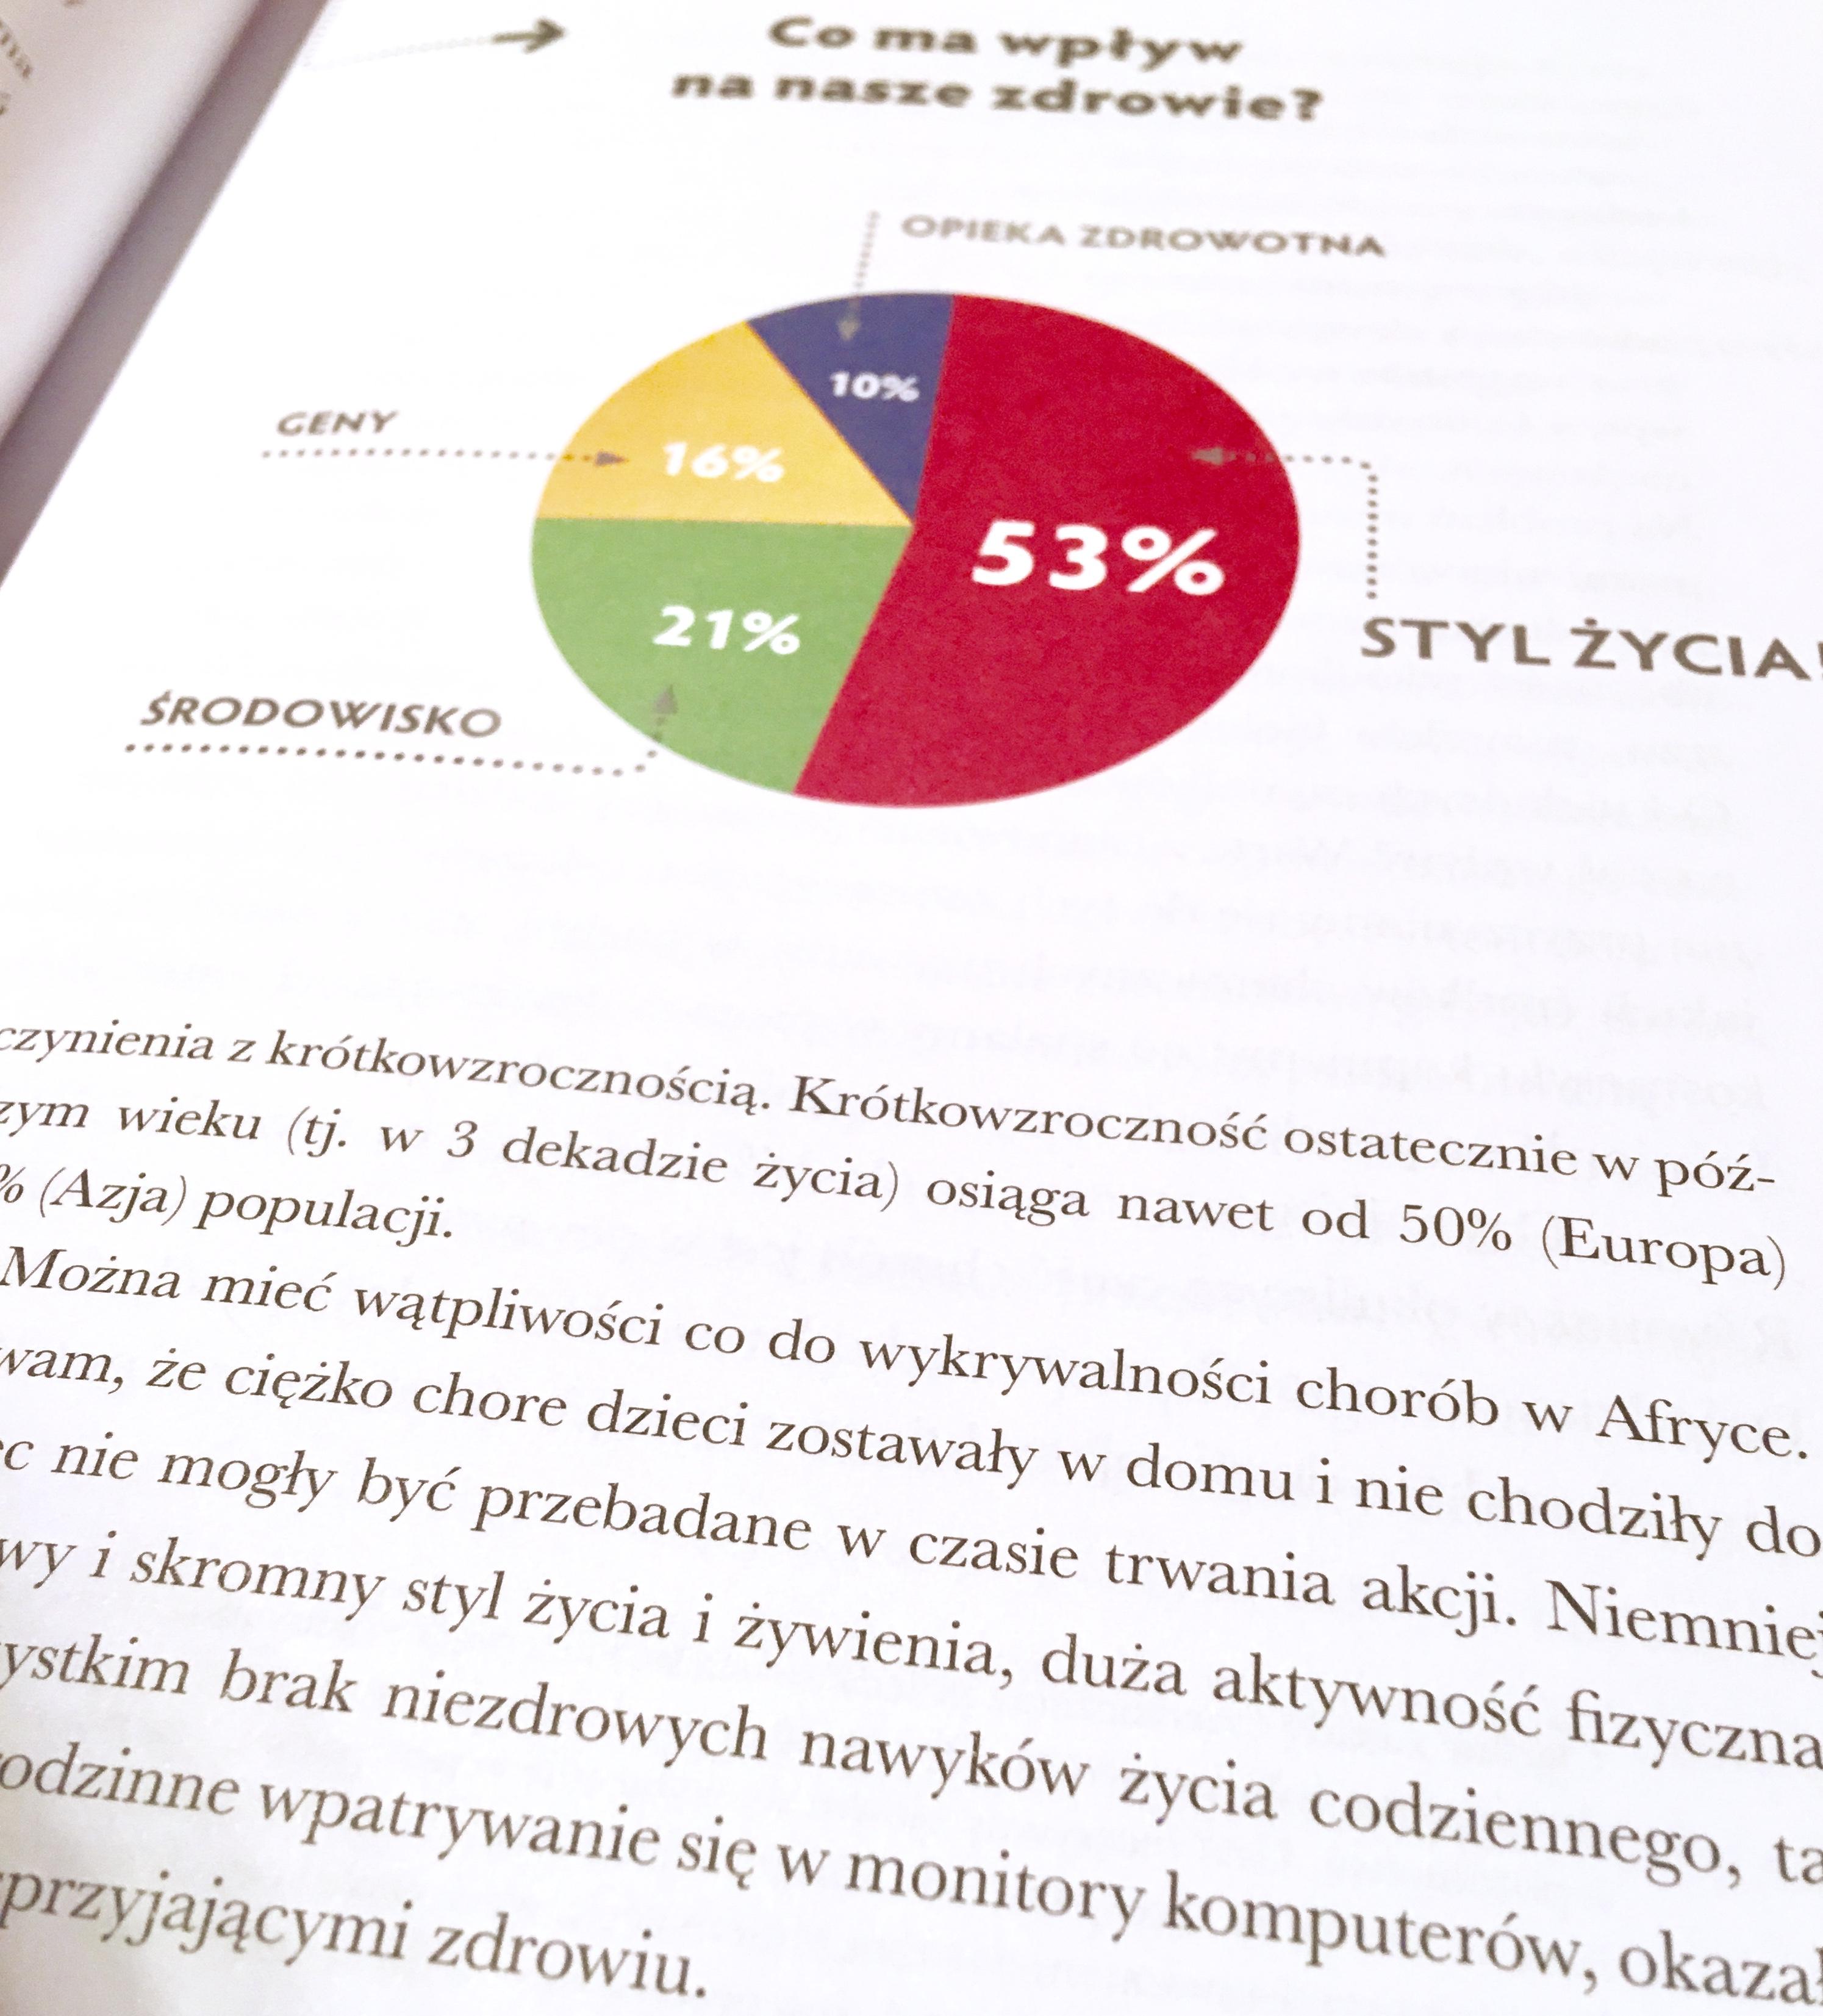 hipoalergiczni-wywiad-doktor-agata-plech-przejrzyj-na-oczy-ksiazka-7